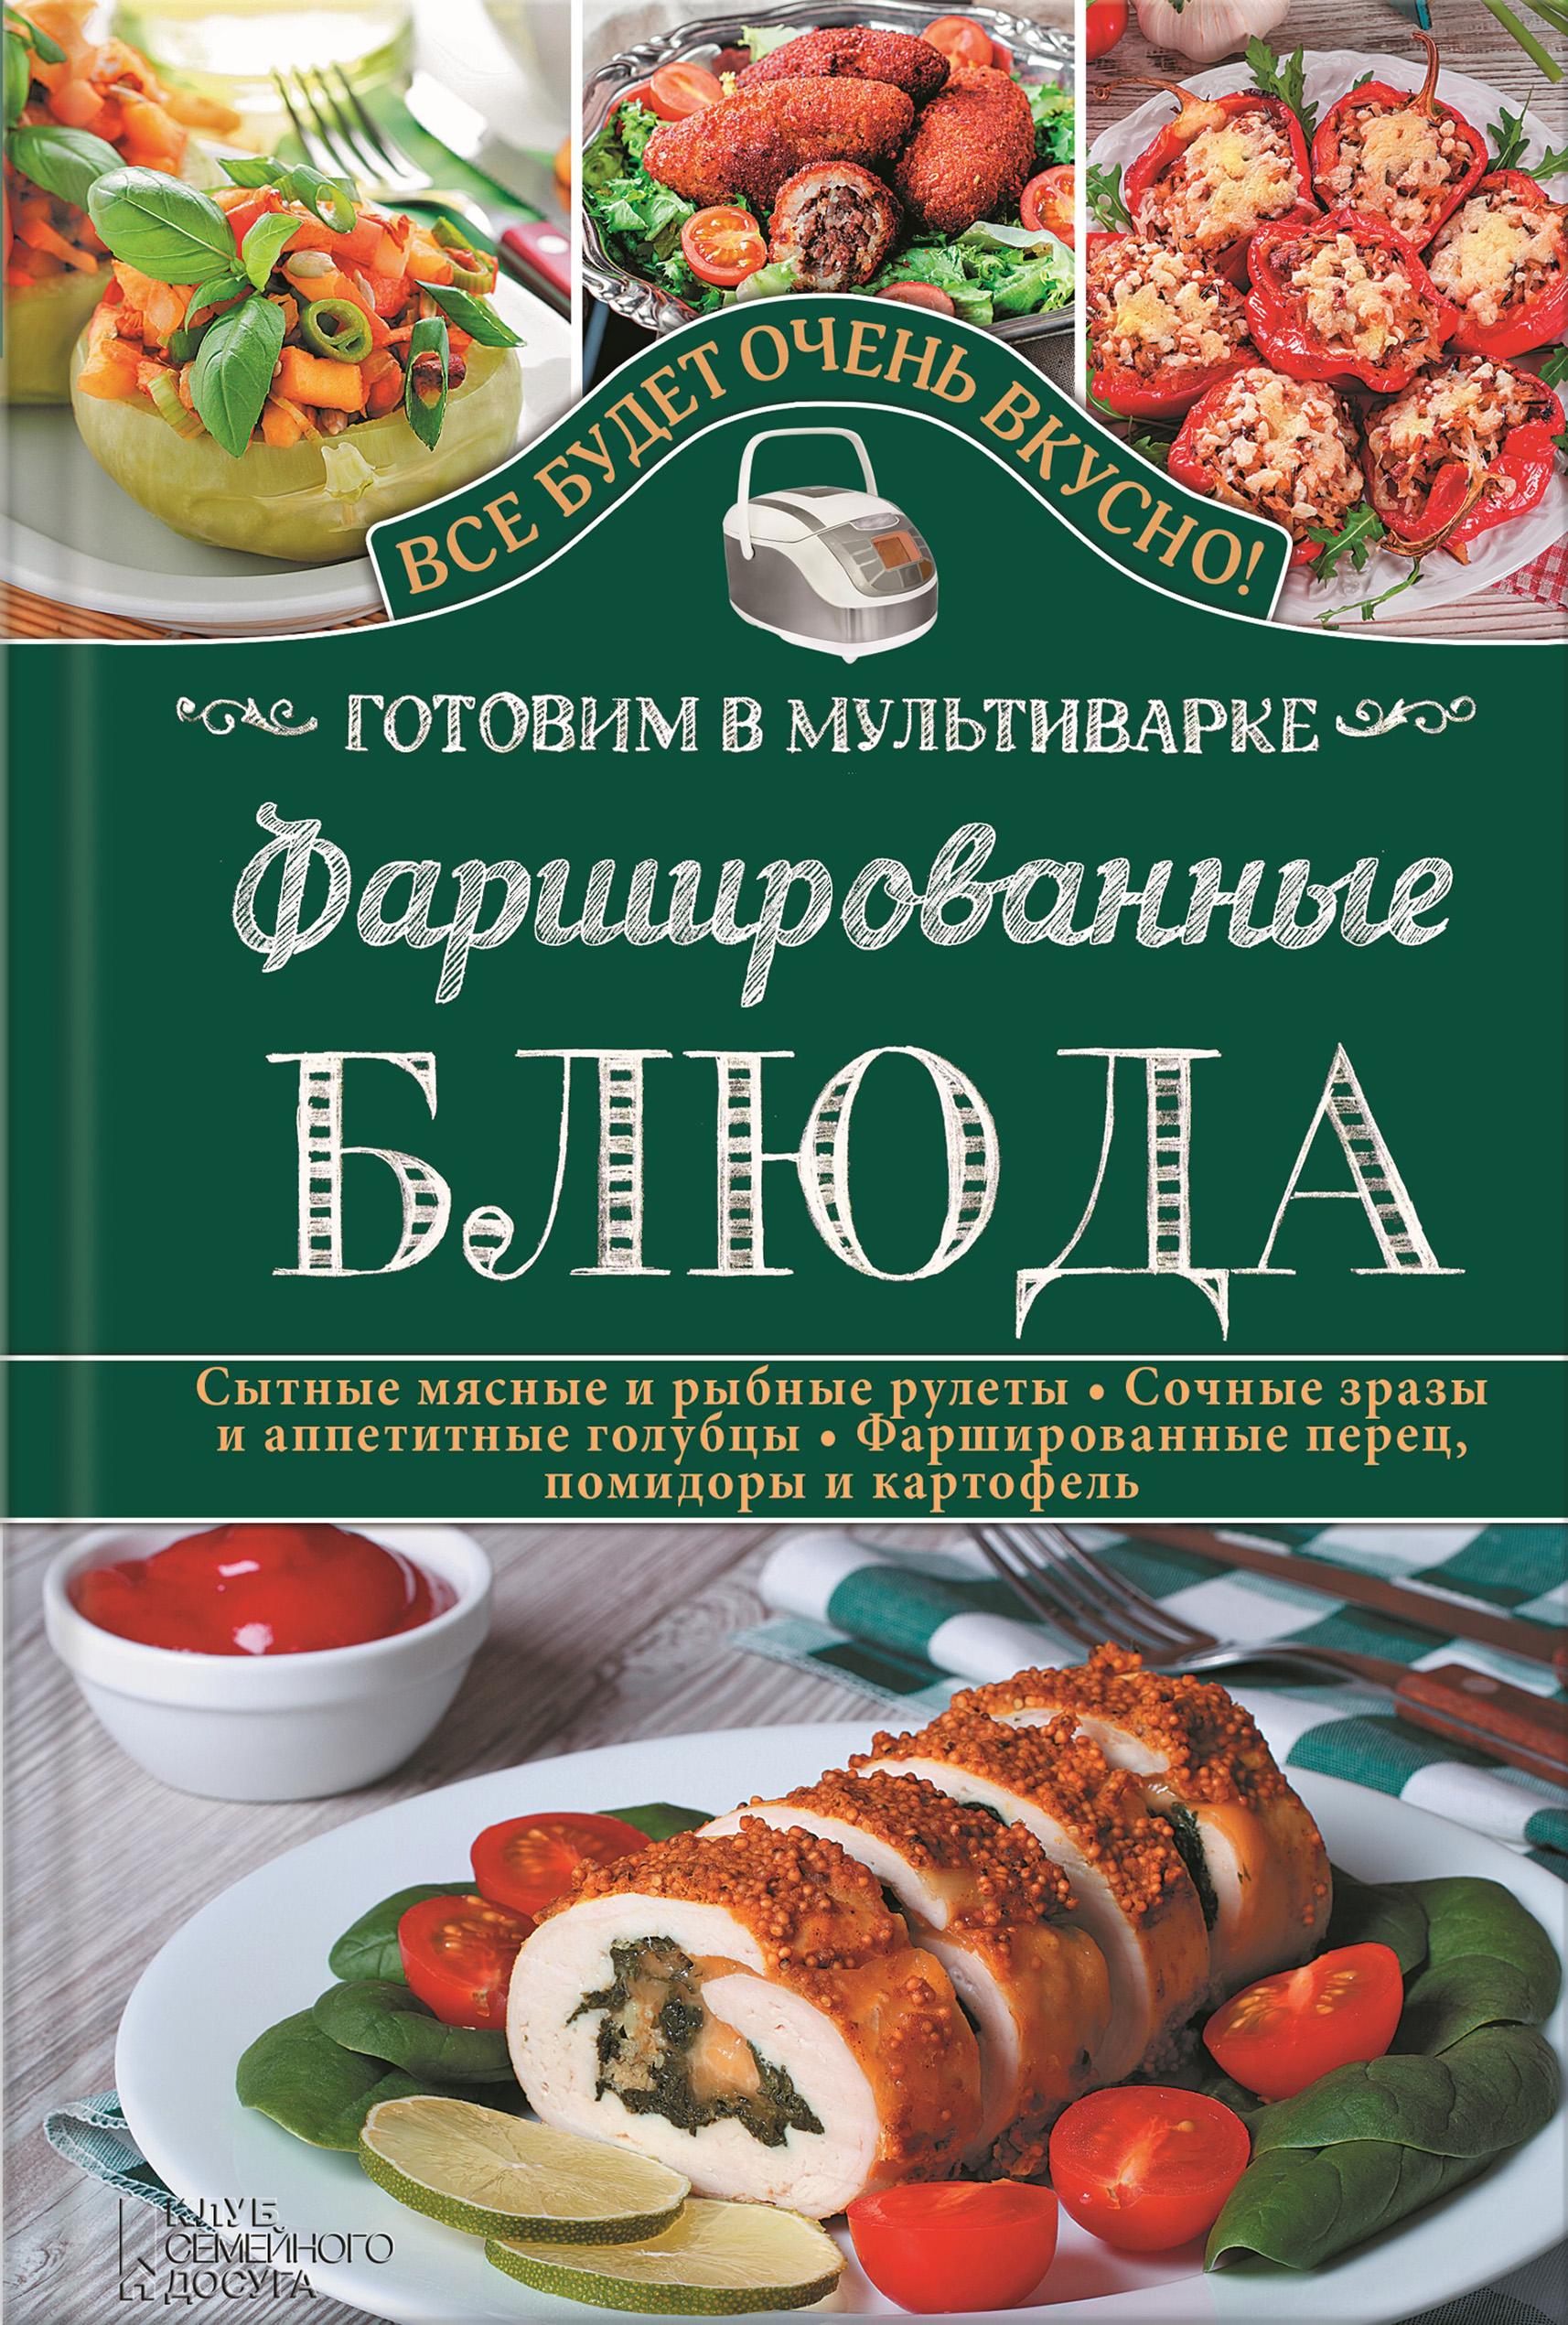 Светлана Семенова Фаршированные блюда. Готовим в мультиварке